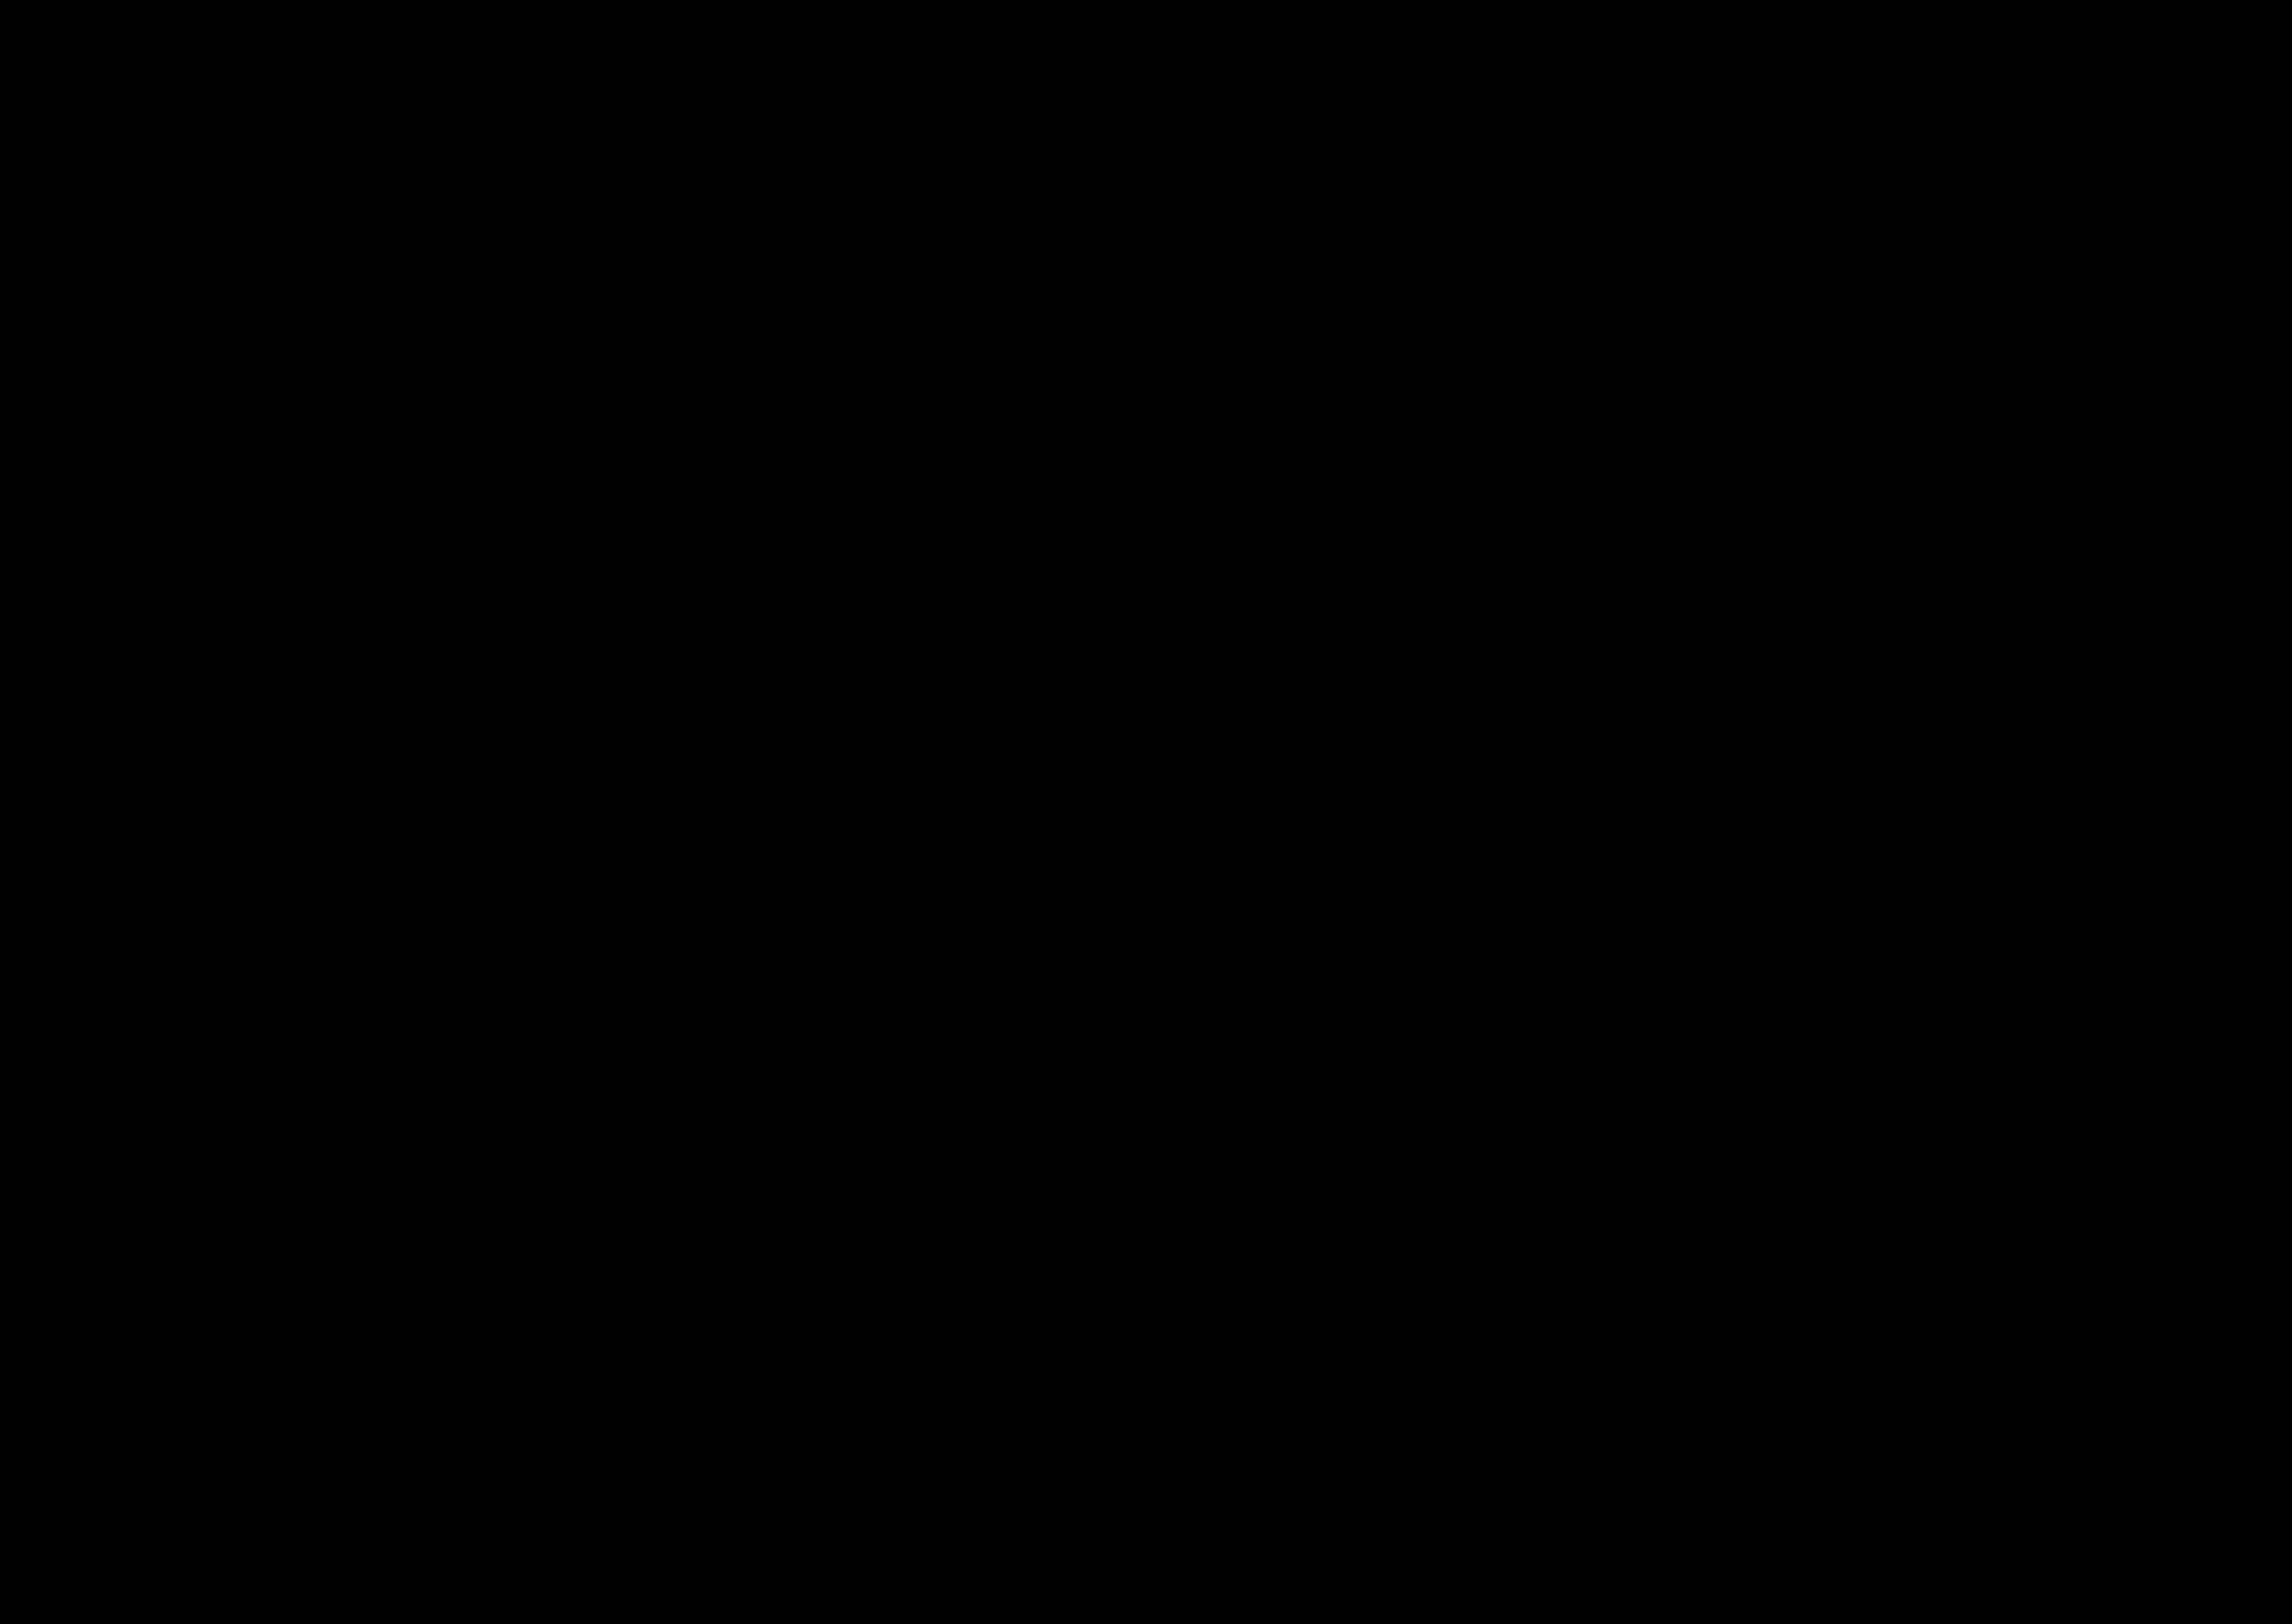 Casa SAB - Valea Chioarului  - Poza 1